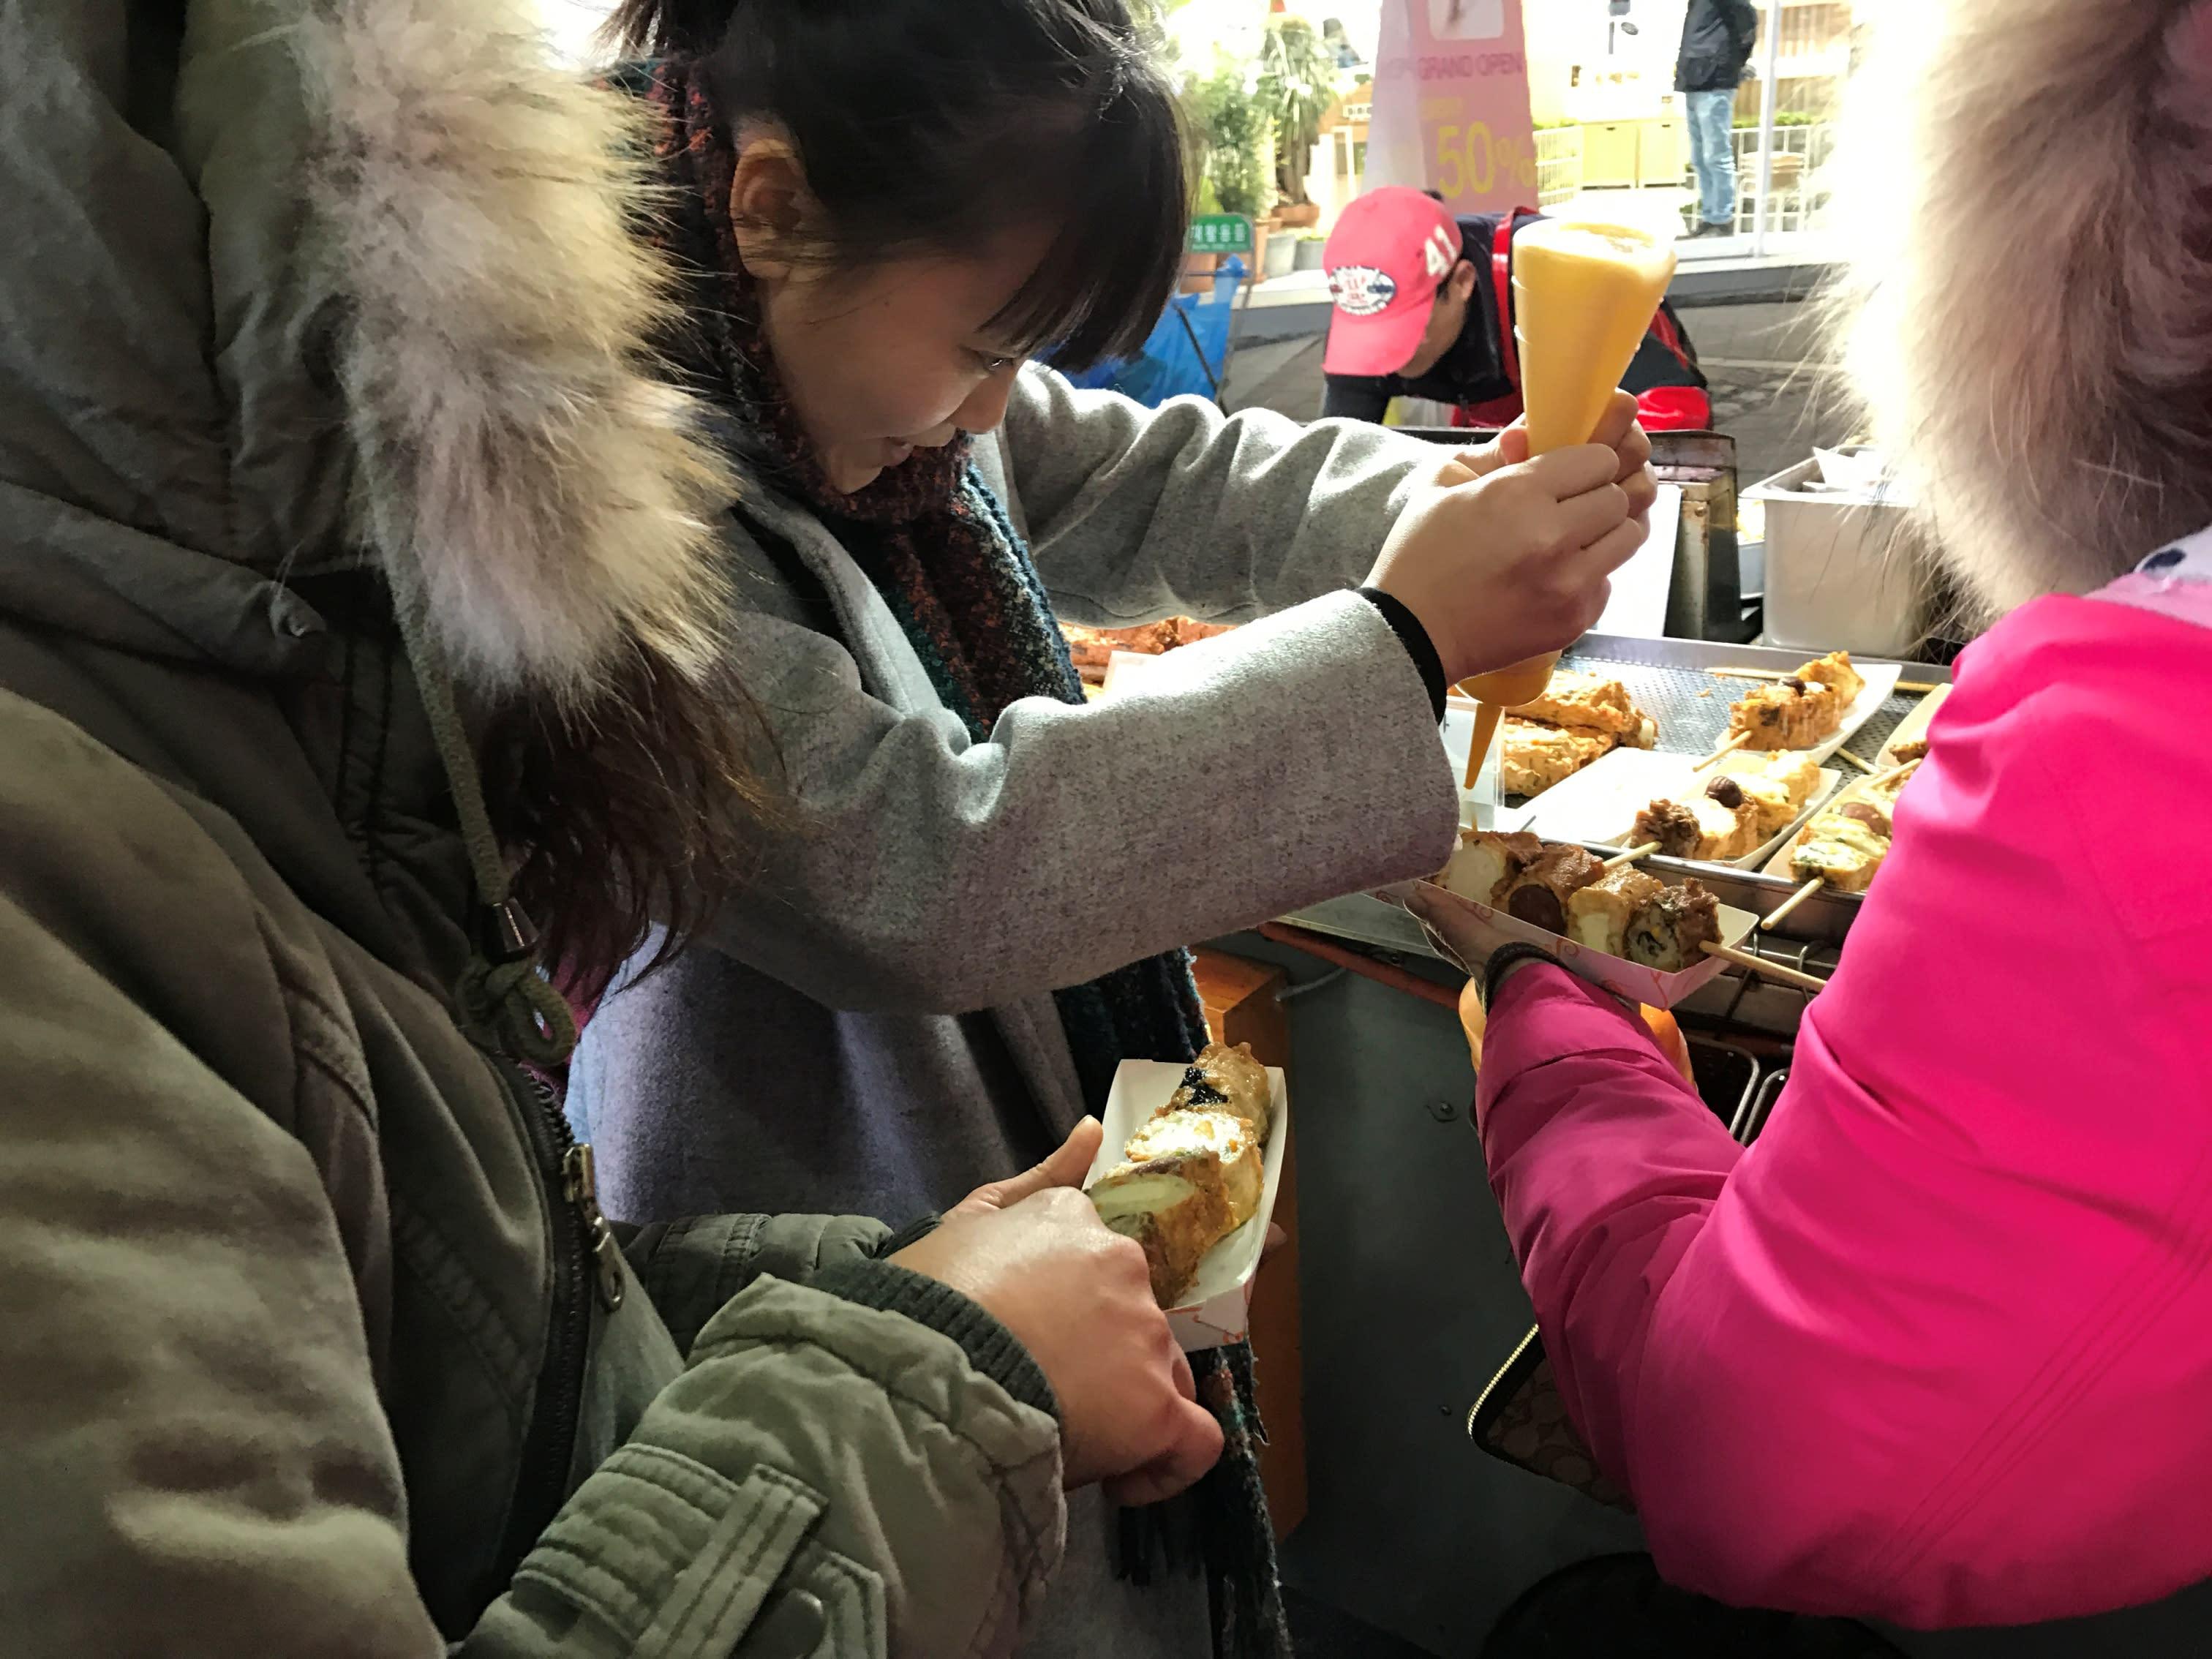 在路邊攤自己動手擠上喜歡的醬汁~也是吃路邊攤必體驗的小事